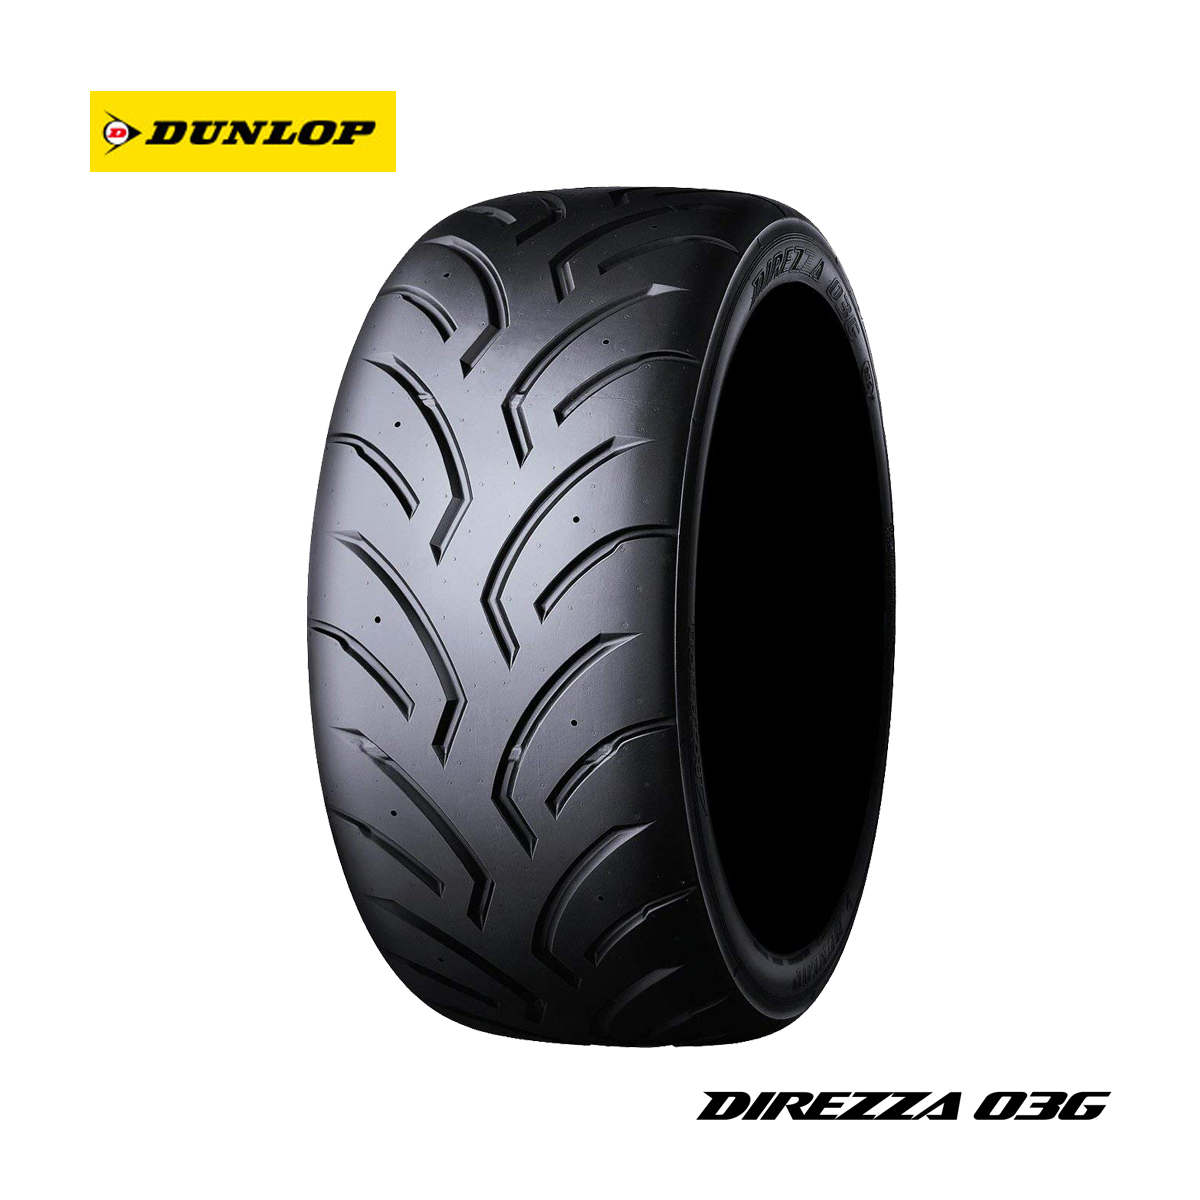 DUNLOP ダンロップ Sタイヤ ハイグリップ モータースポーツ 2本 15インチ 195/55R15 DIREZZA ディレッツァ 03G コンパウンド H1